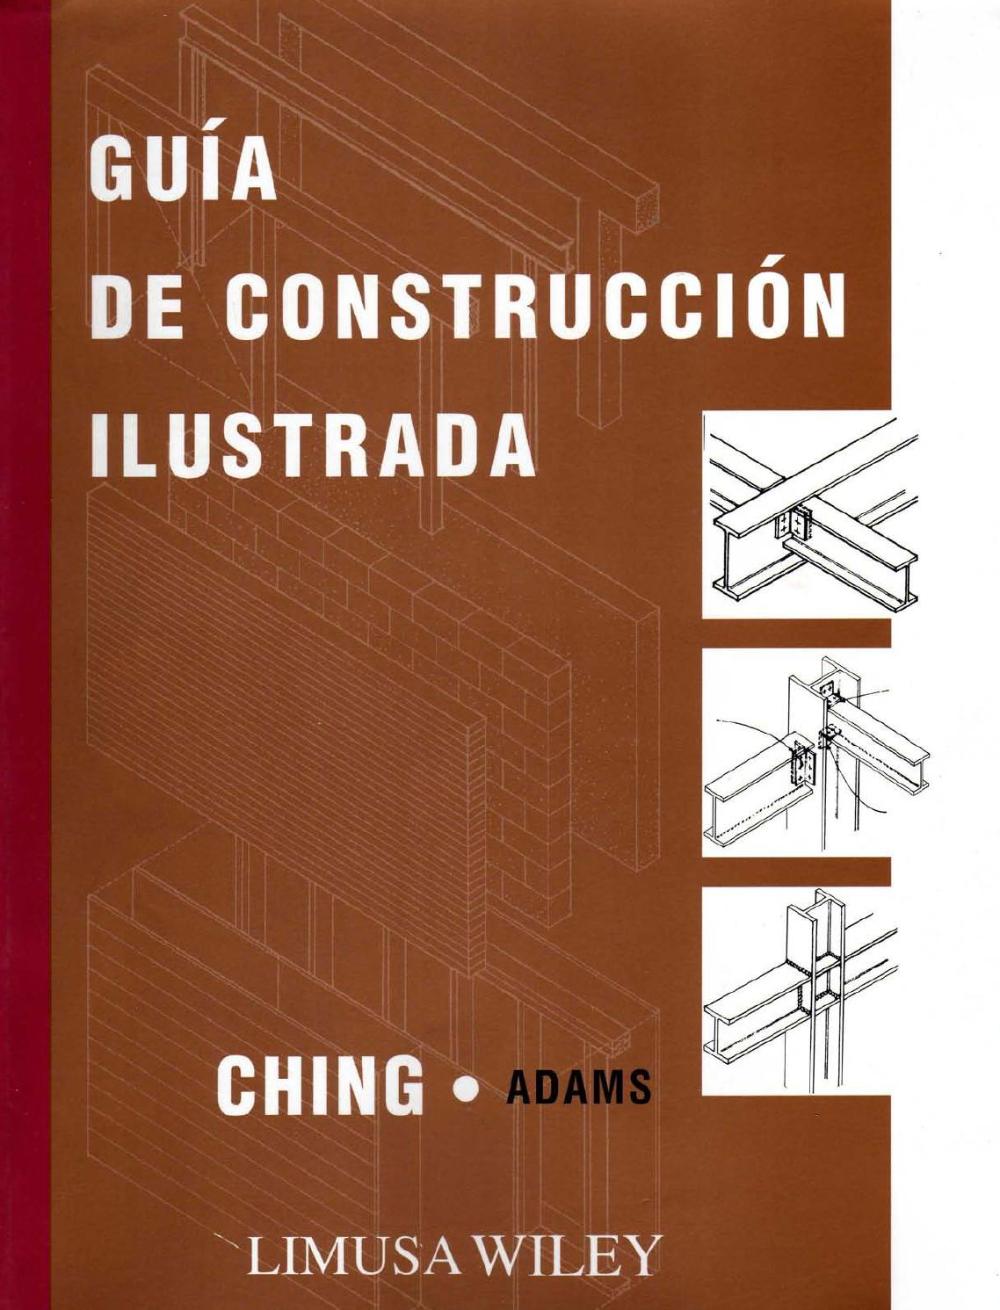 Guia De Construccion Ilustrada Ching Adams Construccion Ingenieria Civil Construccion Calculo De Estructuras Metalicas